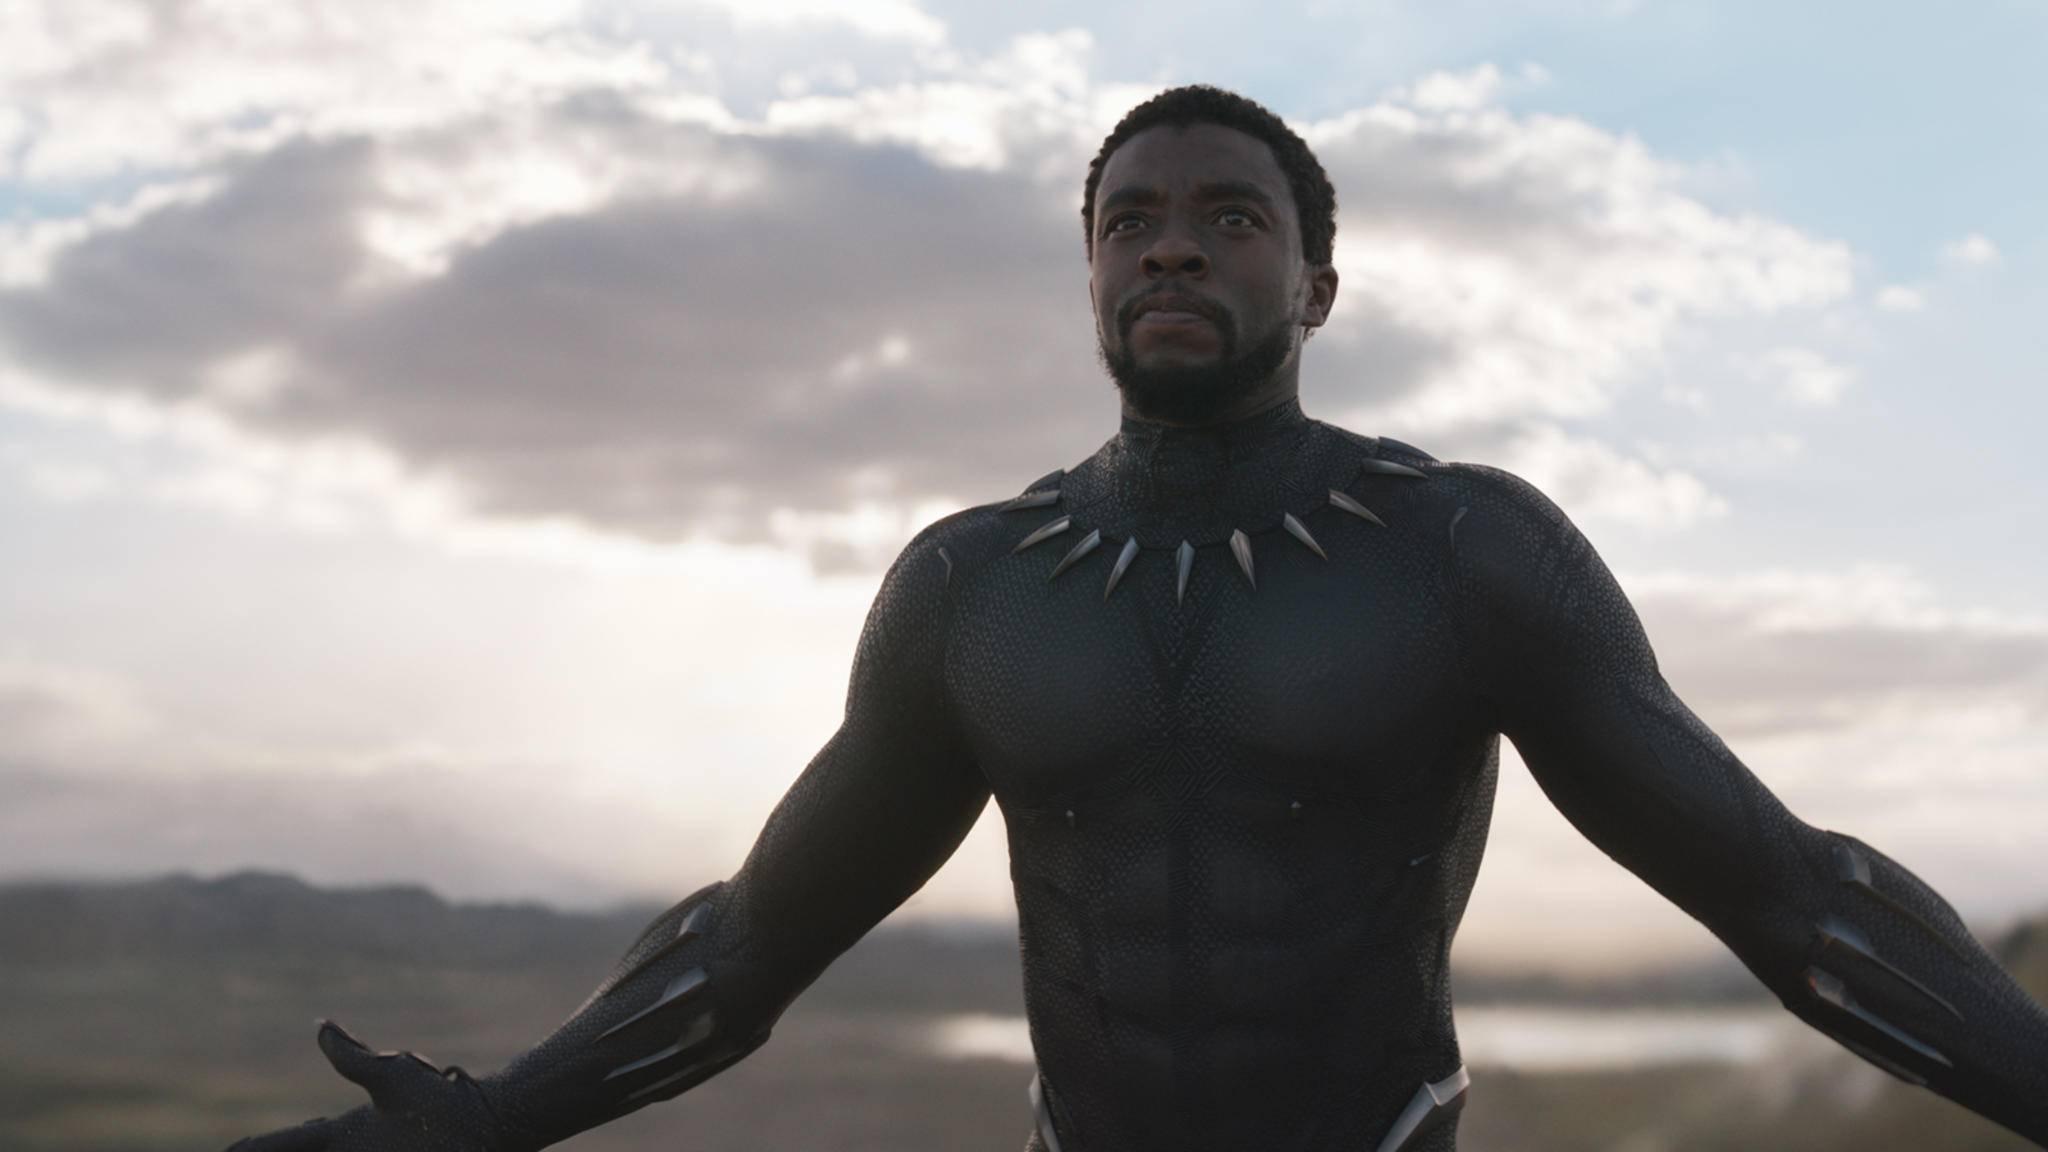 Auch der Black Panther zeigt Thanos seine Krallen.